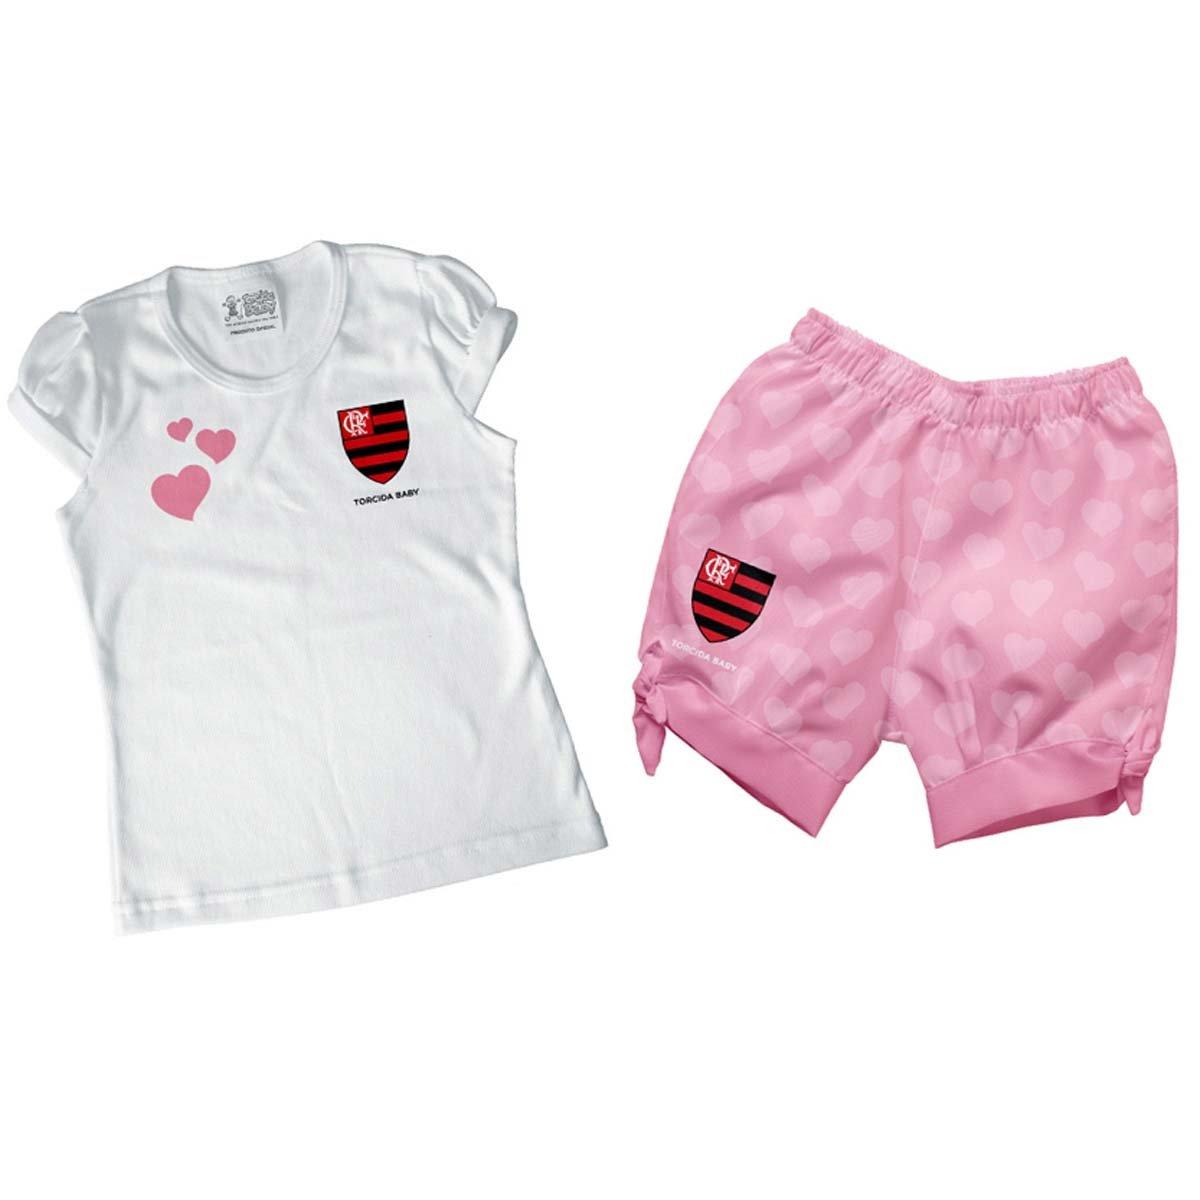 Conjunto Flamengo Estilo II Bebê Torcida Baby - Compre Agora  f7bd7c3770cc1